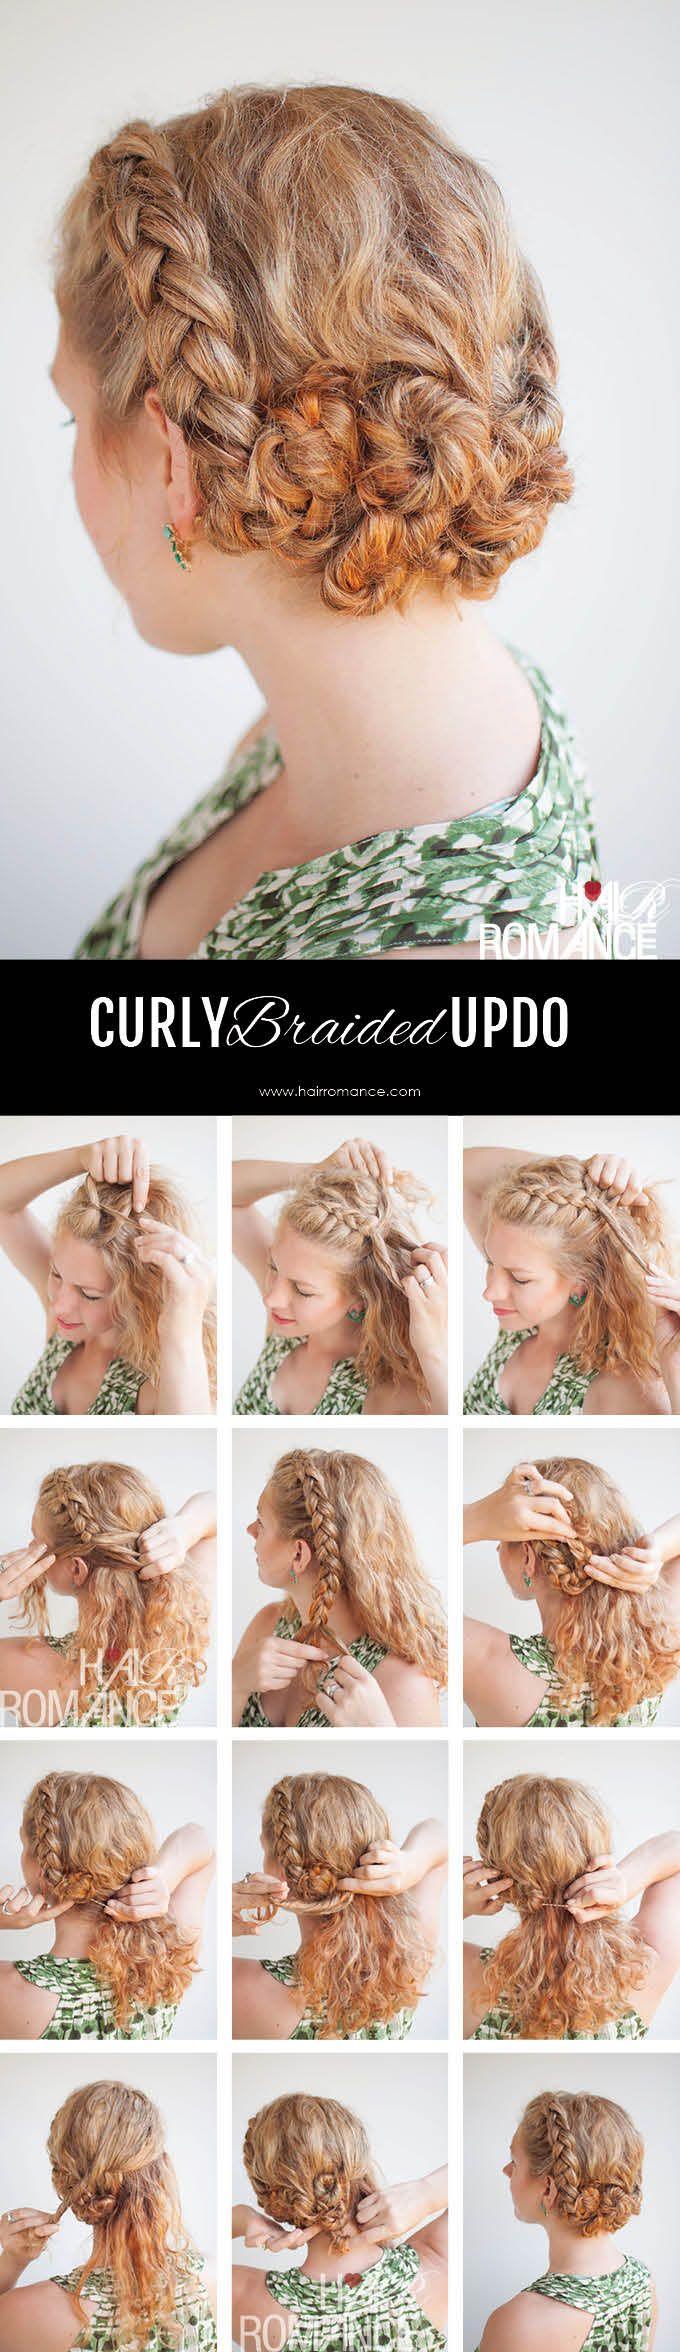 CURLY HAIRSTYLES- Peinados para pelo chino/rizado/ crespo.!